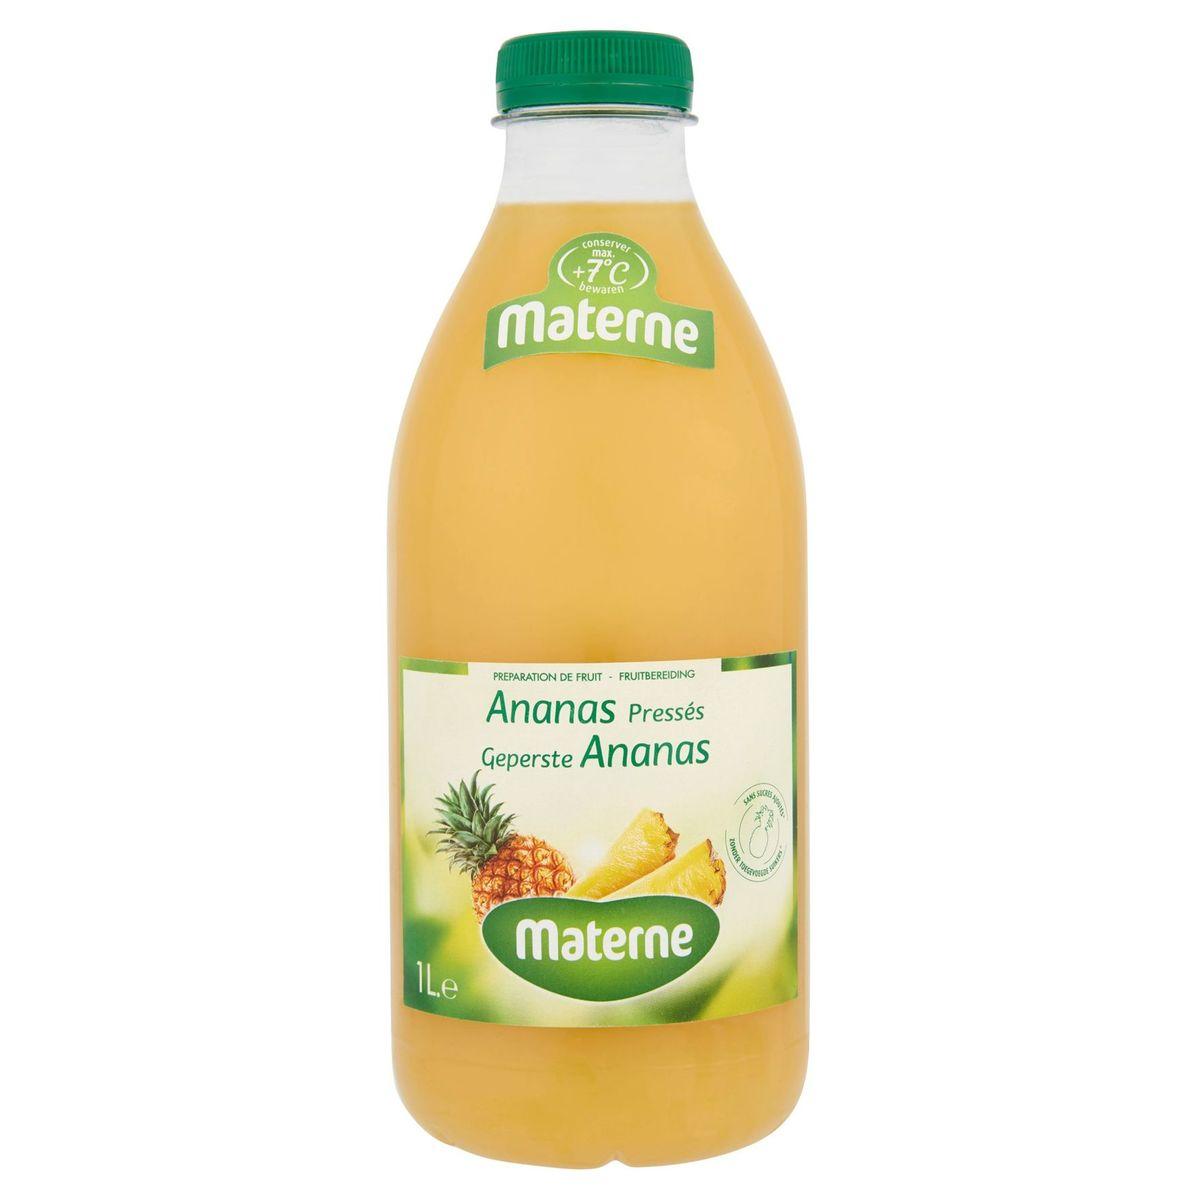 Materne Préparation de Fruit Ananas Pressés 1 L